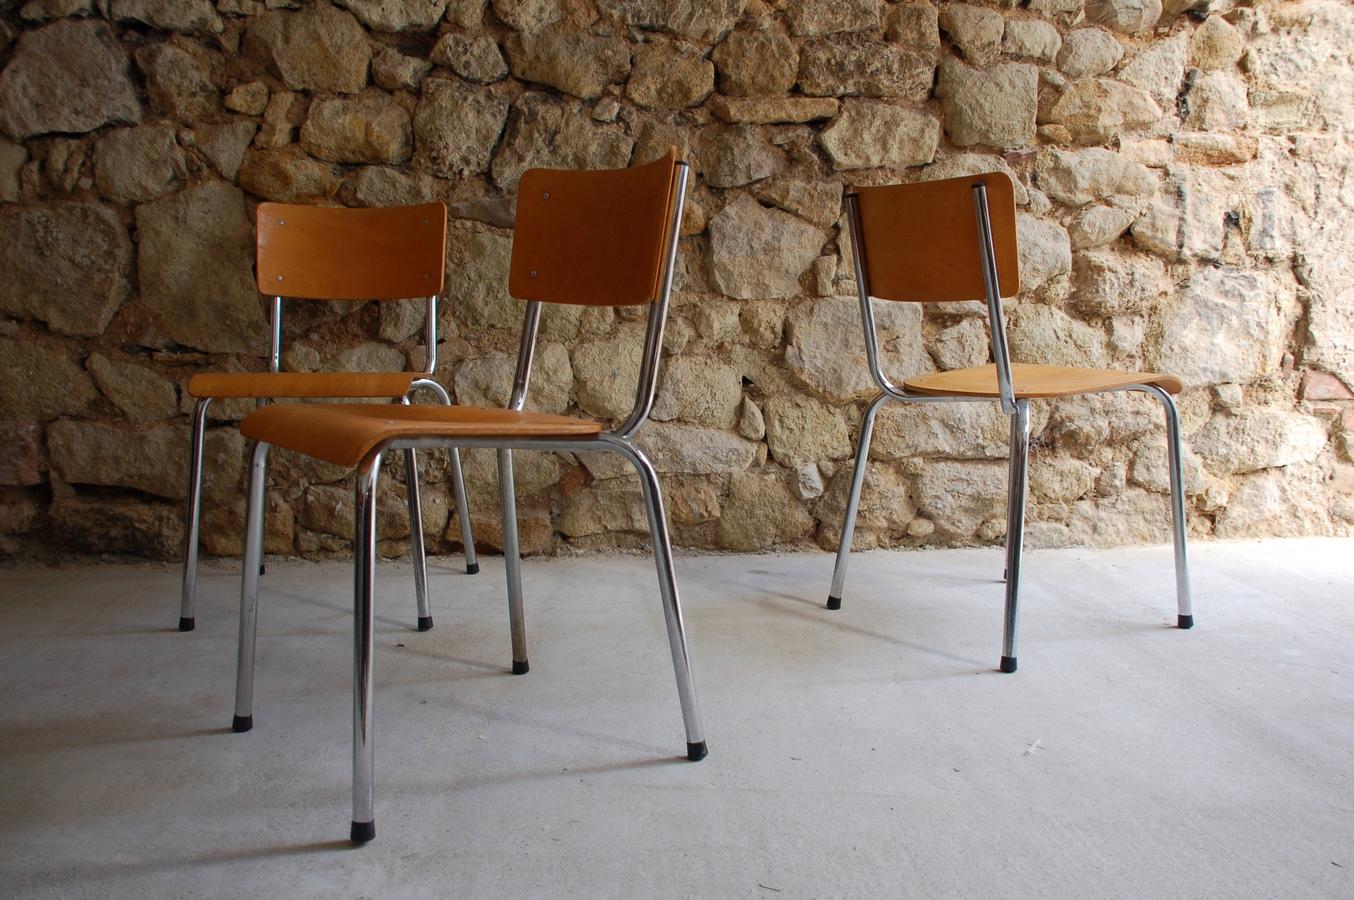 Stahlrohr Loft Industrial Industrie Design Stühle Stapelstuhl gebraucht